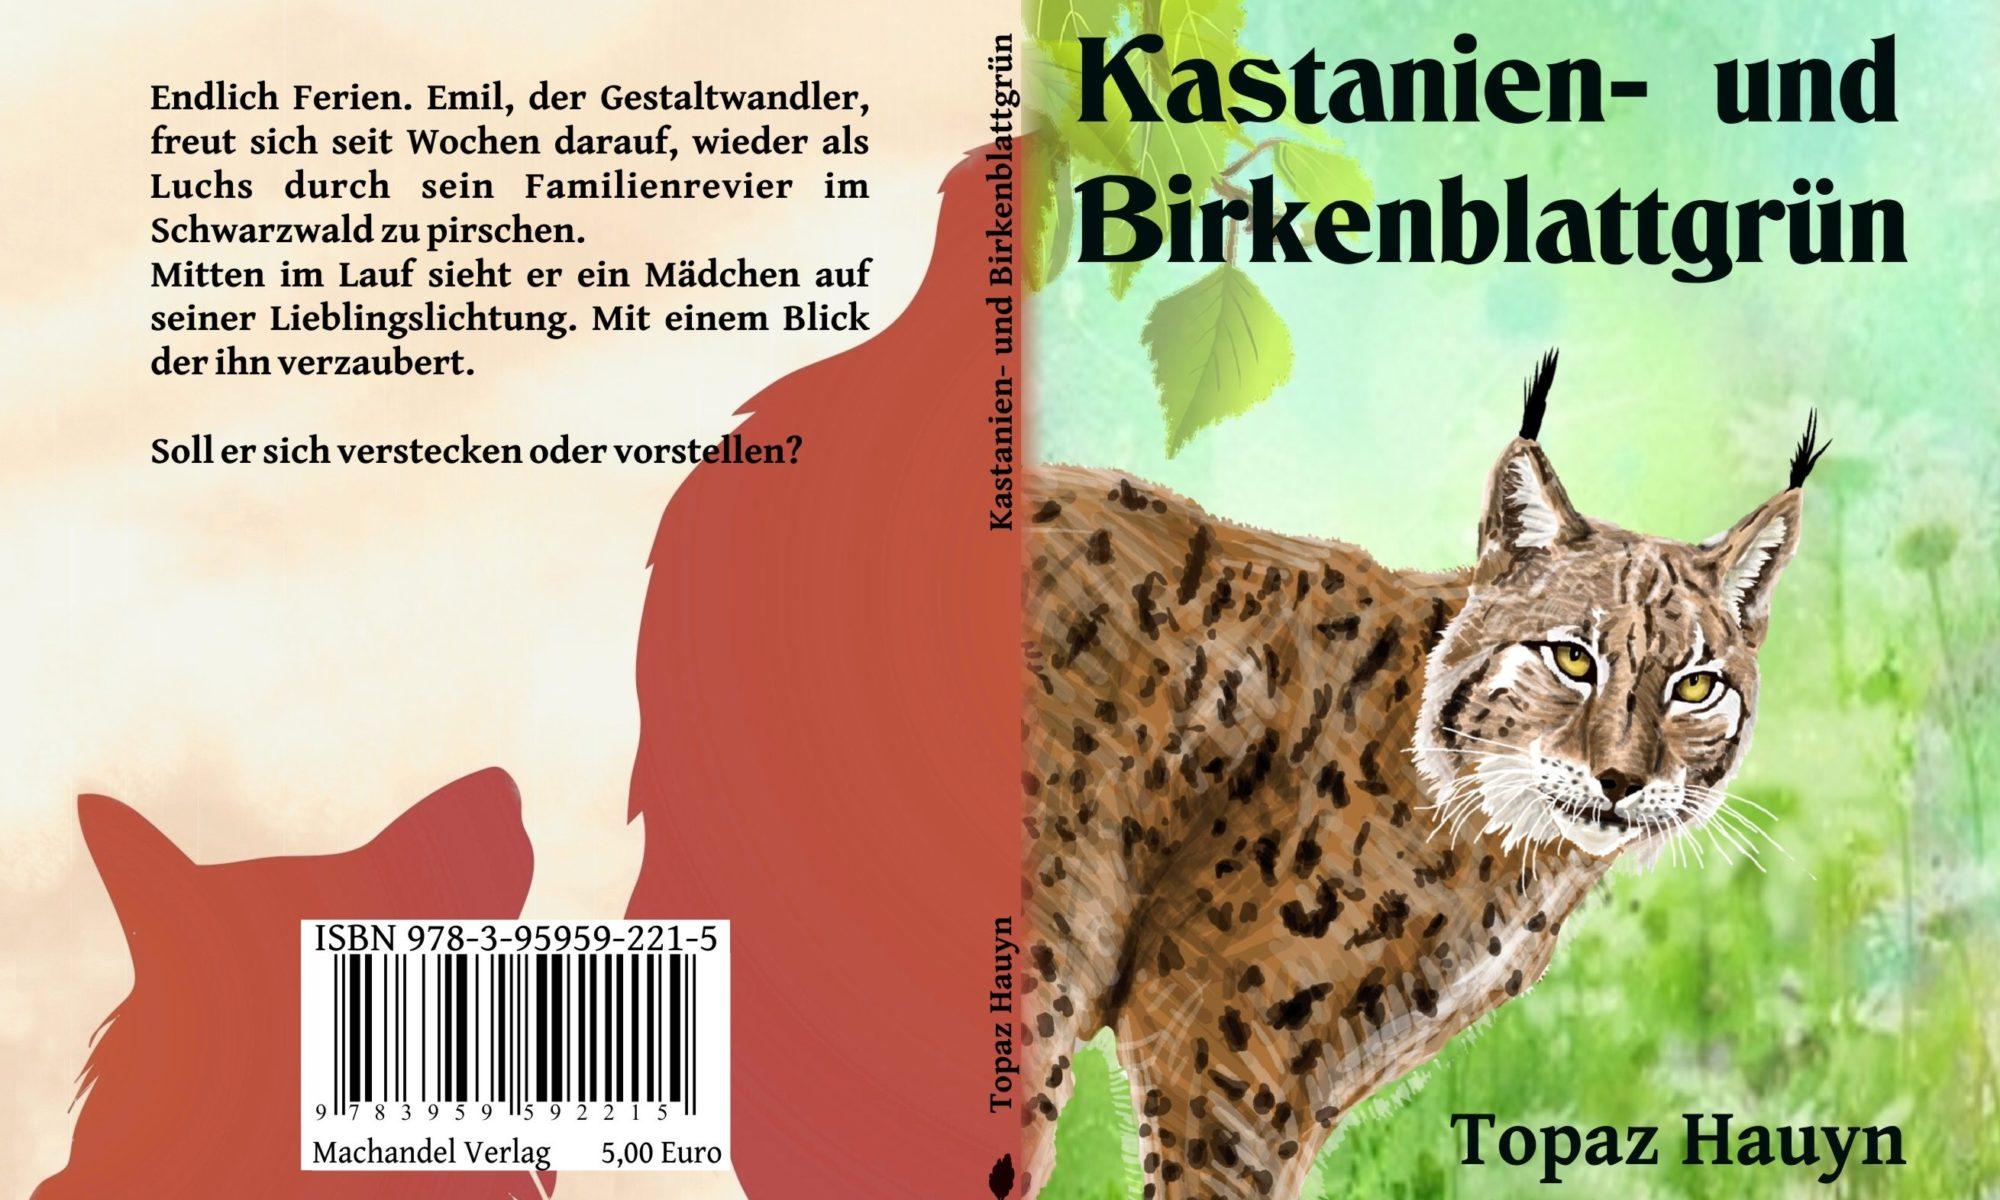 Kastanien- und Birkenblattgrün